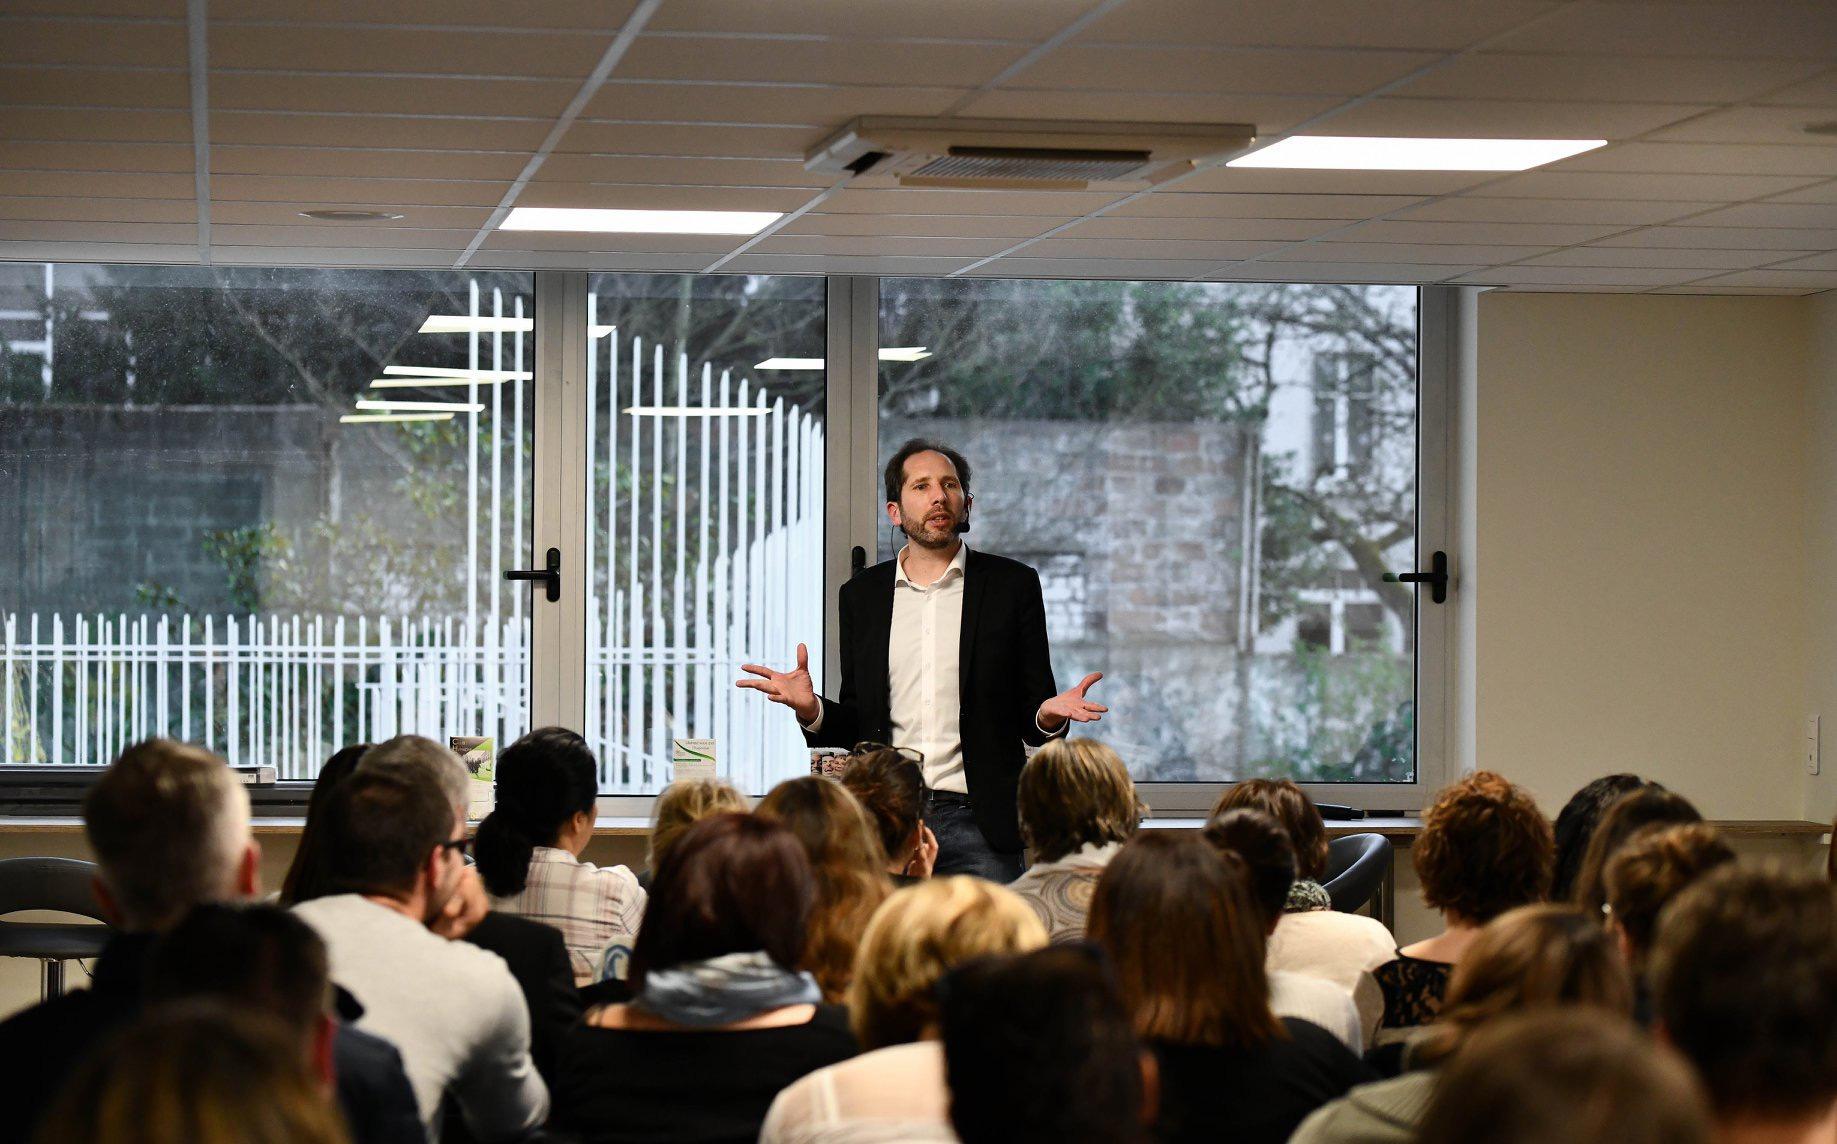 les conférences du centre hypnothérapie régional d'orléans